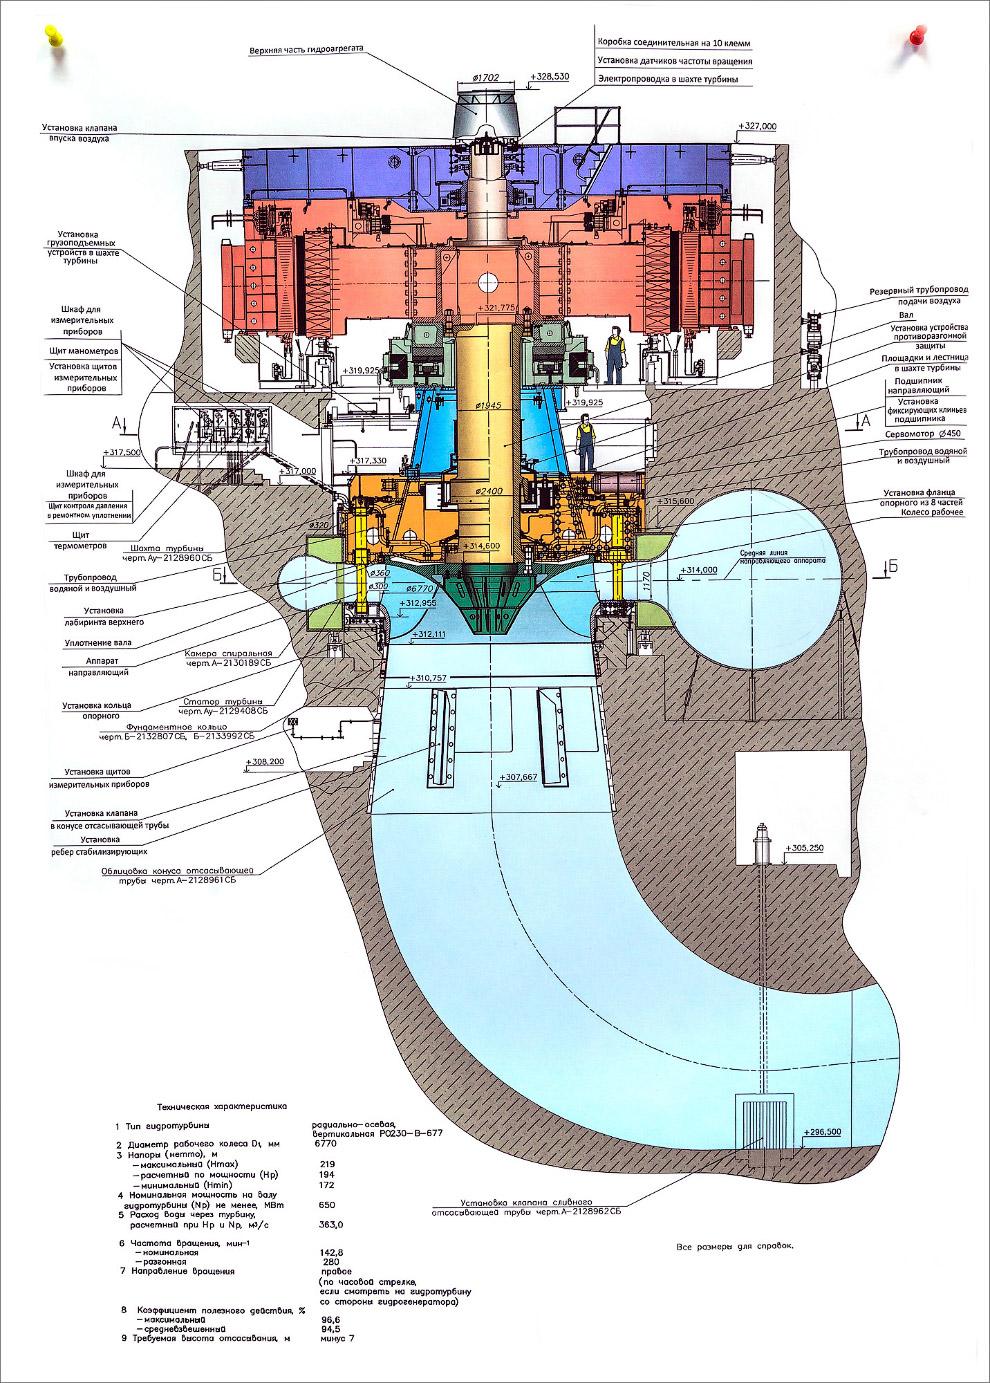 10. Первым делом лезем направляемся в мозг Саяно-Шушенской ГЭС — пультовую. Табло полностью электрон